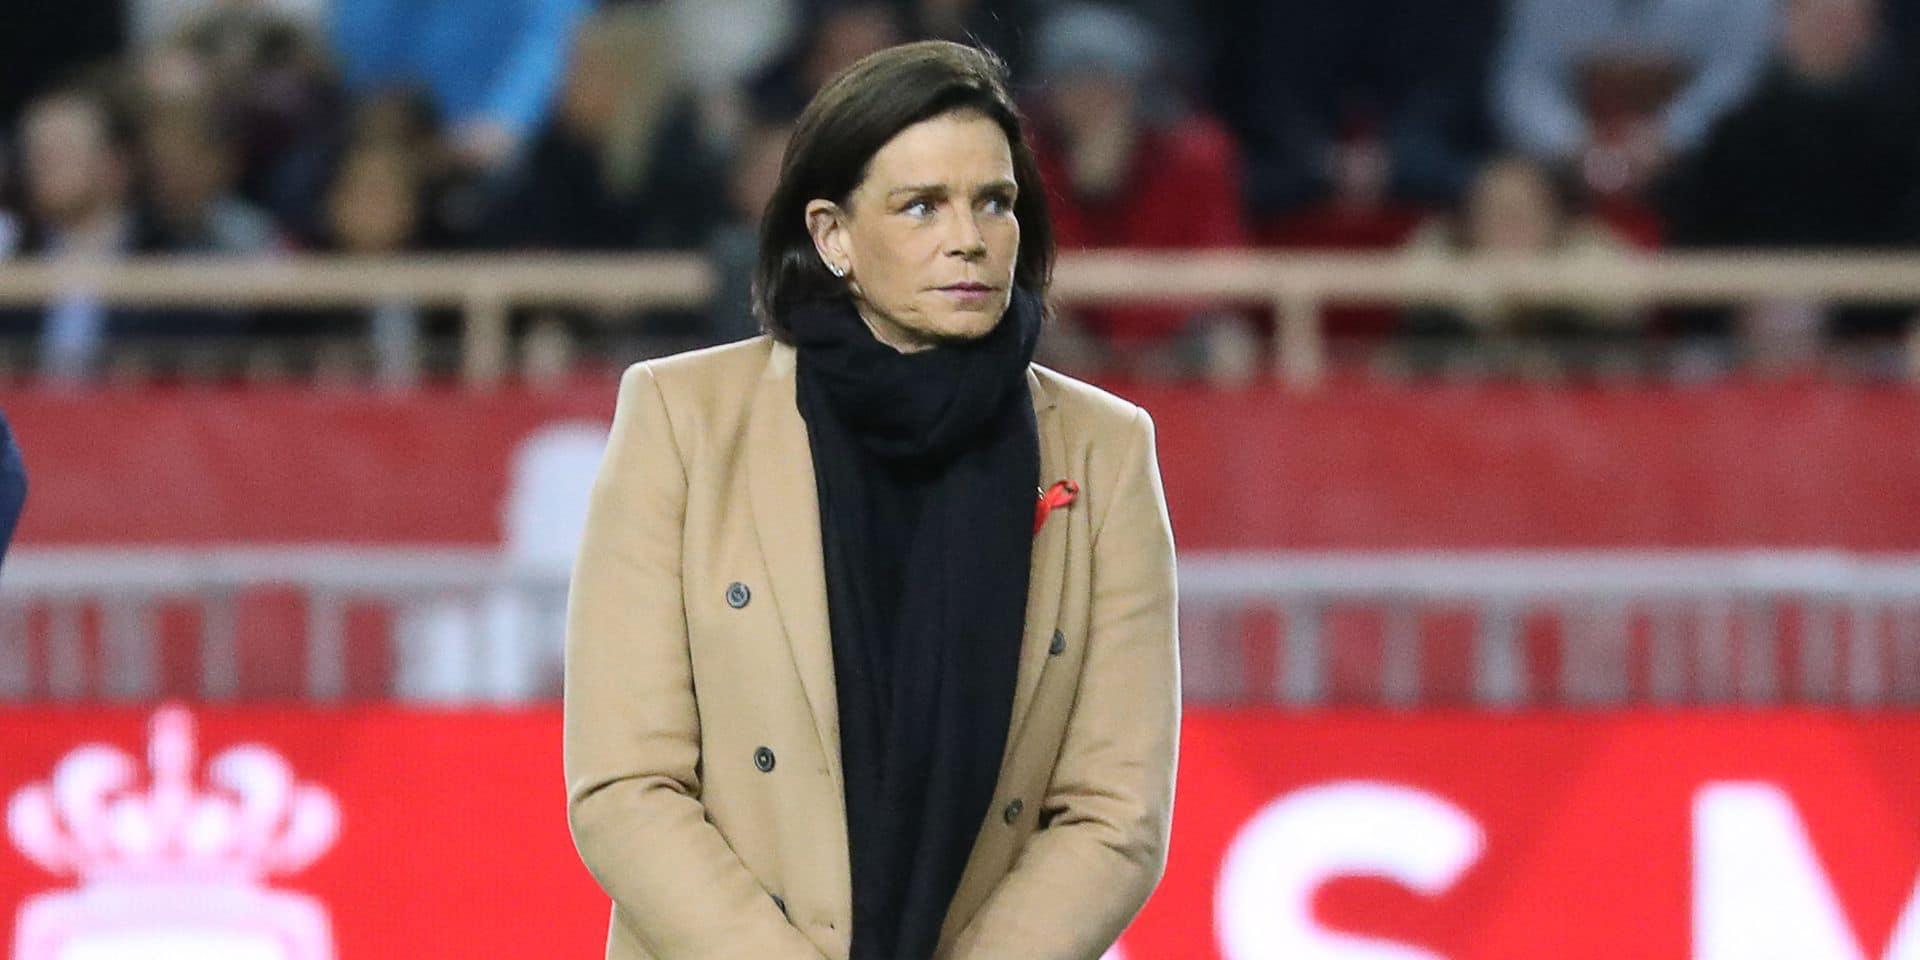 La fille de Stéphanie de Monaco affiche sa ressemblance avec Grace Kelly